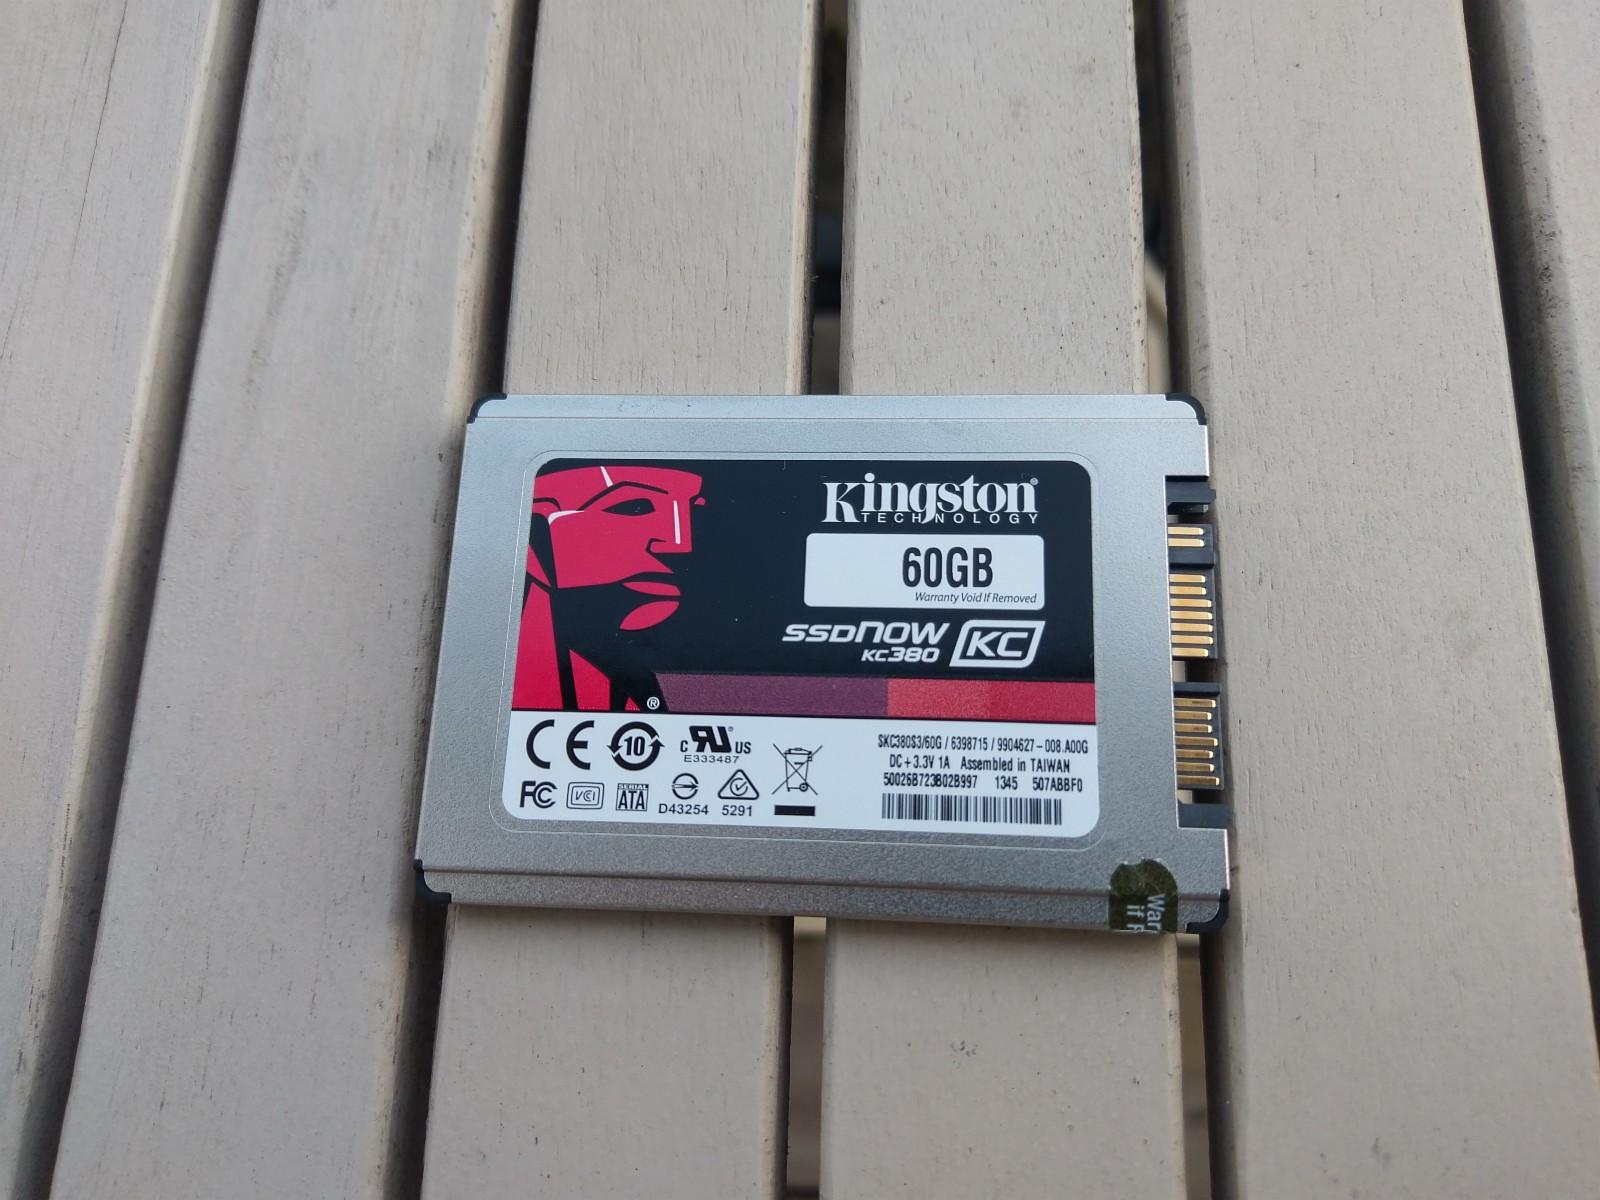 """Kingston SSDNow KC380 1.8"""" 60GB - Aldri brukt - Oslo  - Aldri brukt SSD fra Kingston.  60GB - 1.8""""  Kjøpte den en stund siden men fikk aldri brukt den til noe fordi den hadde for lite kapasitet.  Sender ikke. - Oslo"""